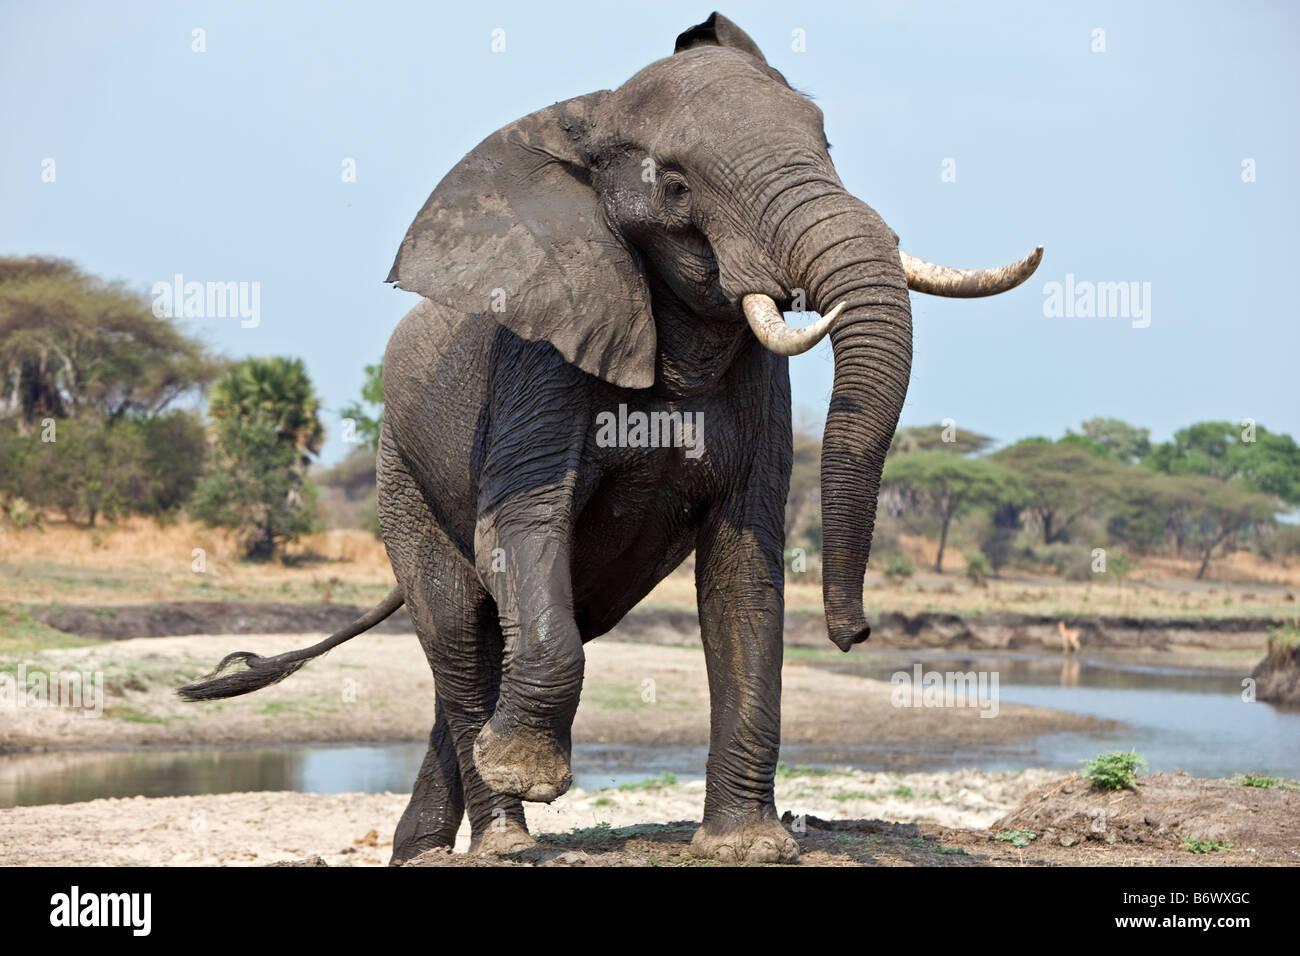 La Tanzanie, le Parc National de Katavi. Un éléphant affiche l'agression. Photo Stock